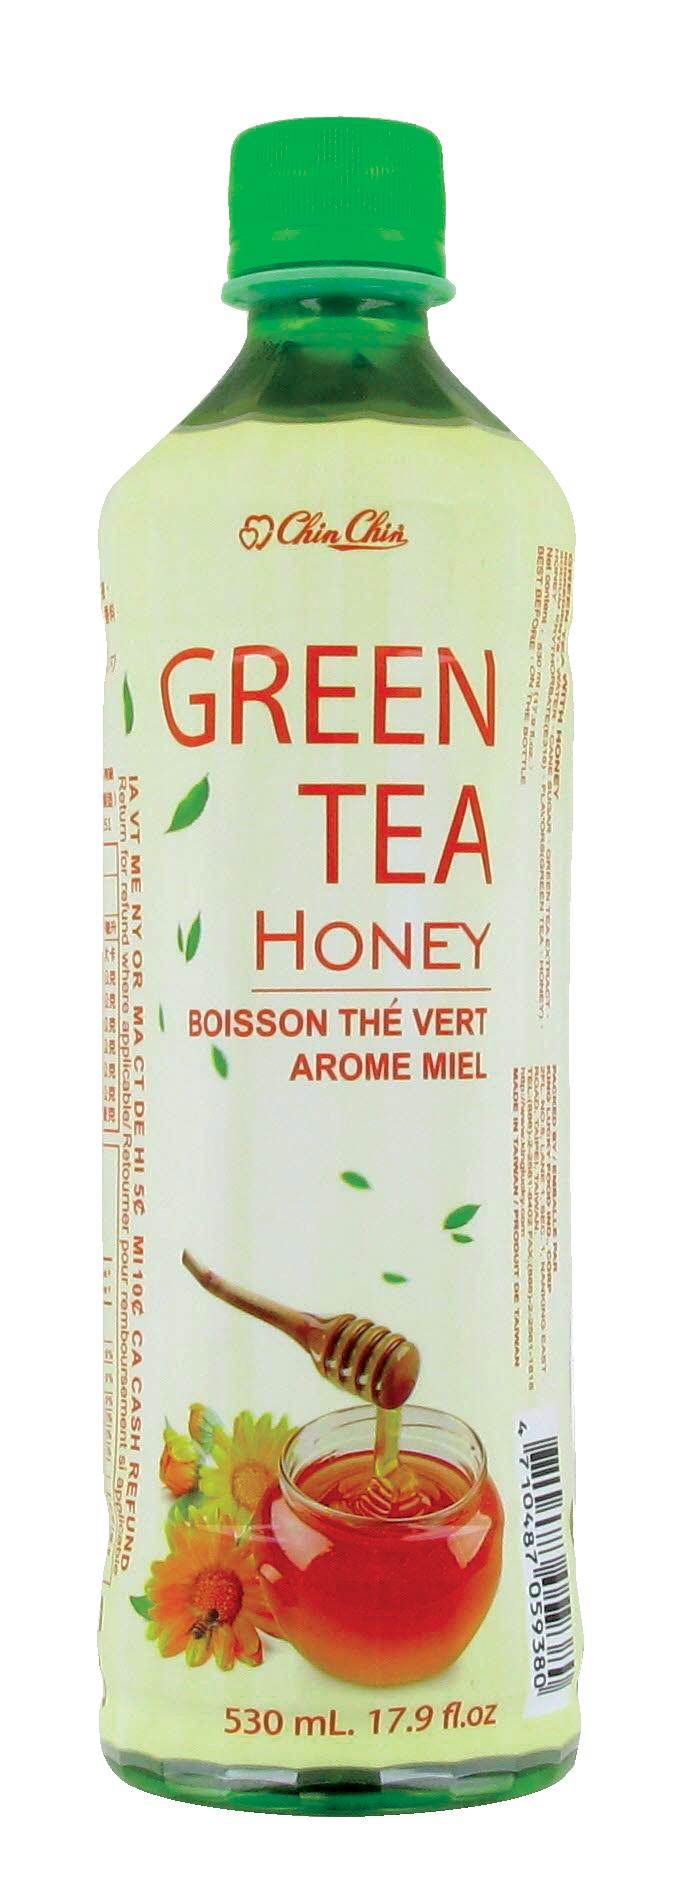 Boisson thé vert arôme miel, Chin Chin (530 ml)